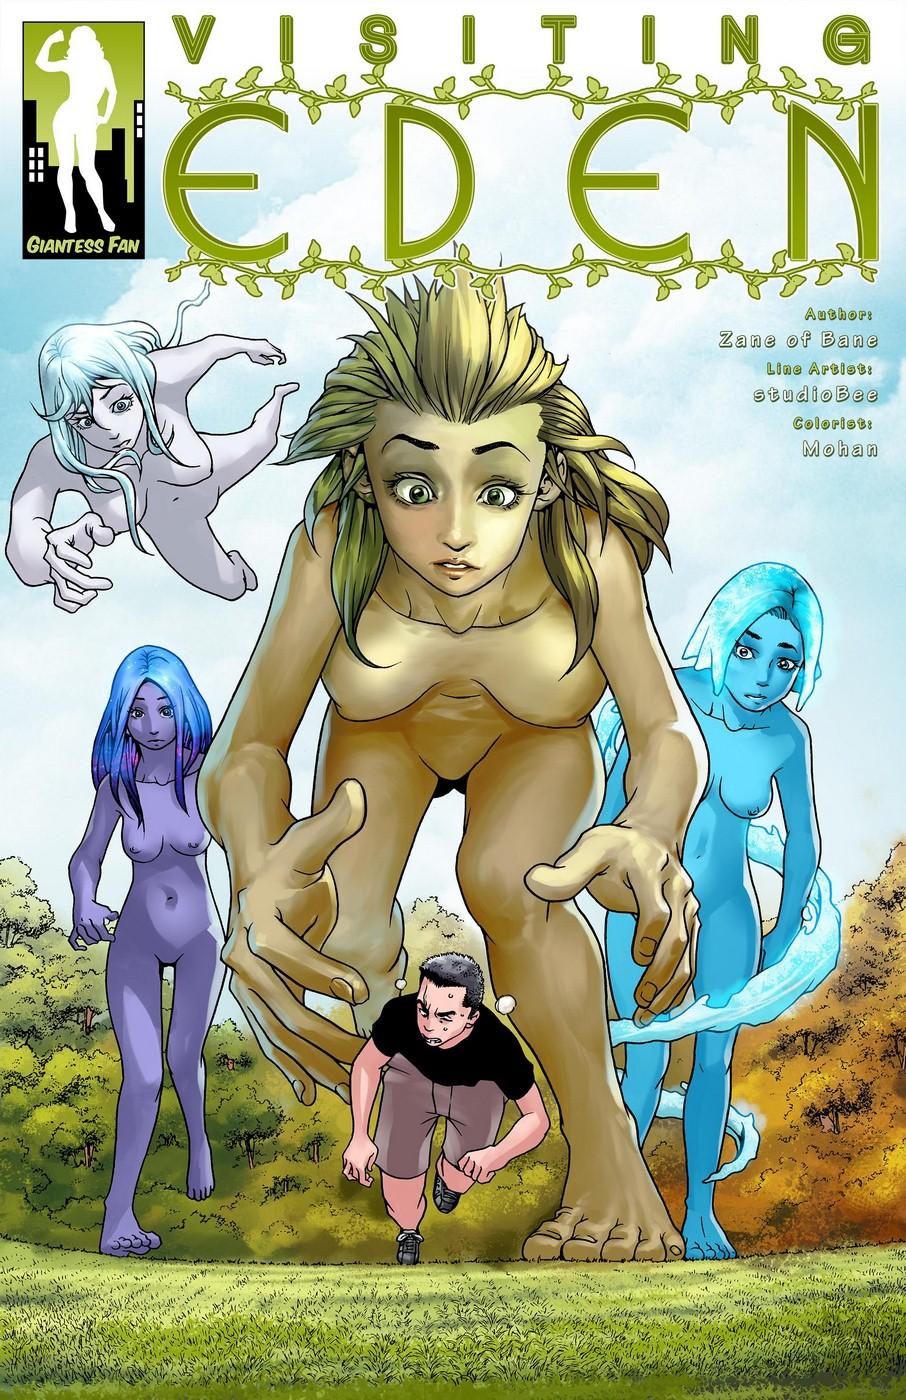 Visiting Eden- Giantness Fan image 1